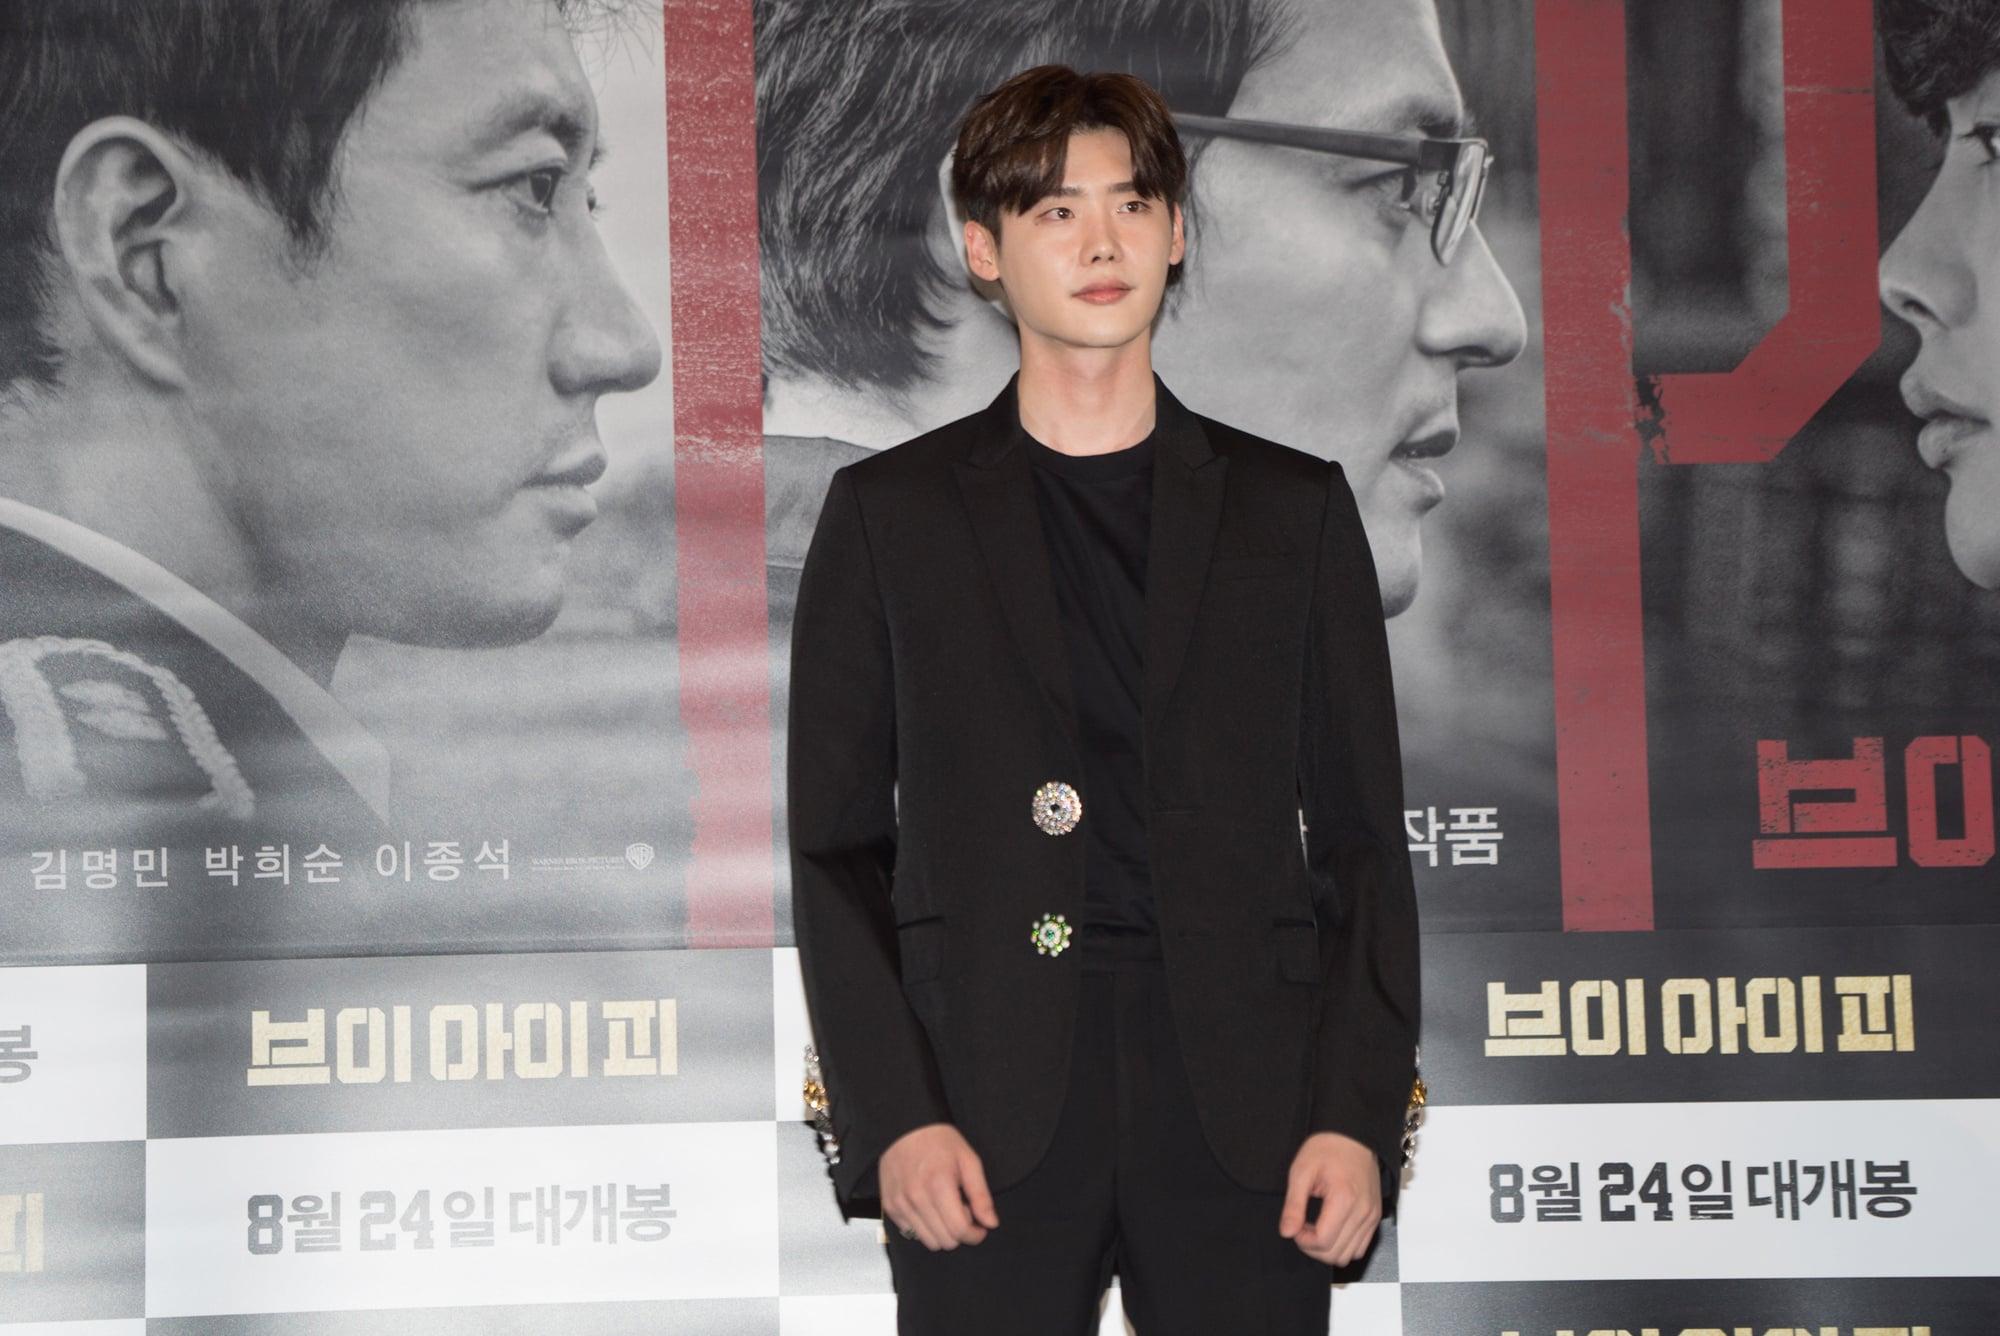 배우 이종석. 사진 워너브러더스 코리아(주)